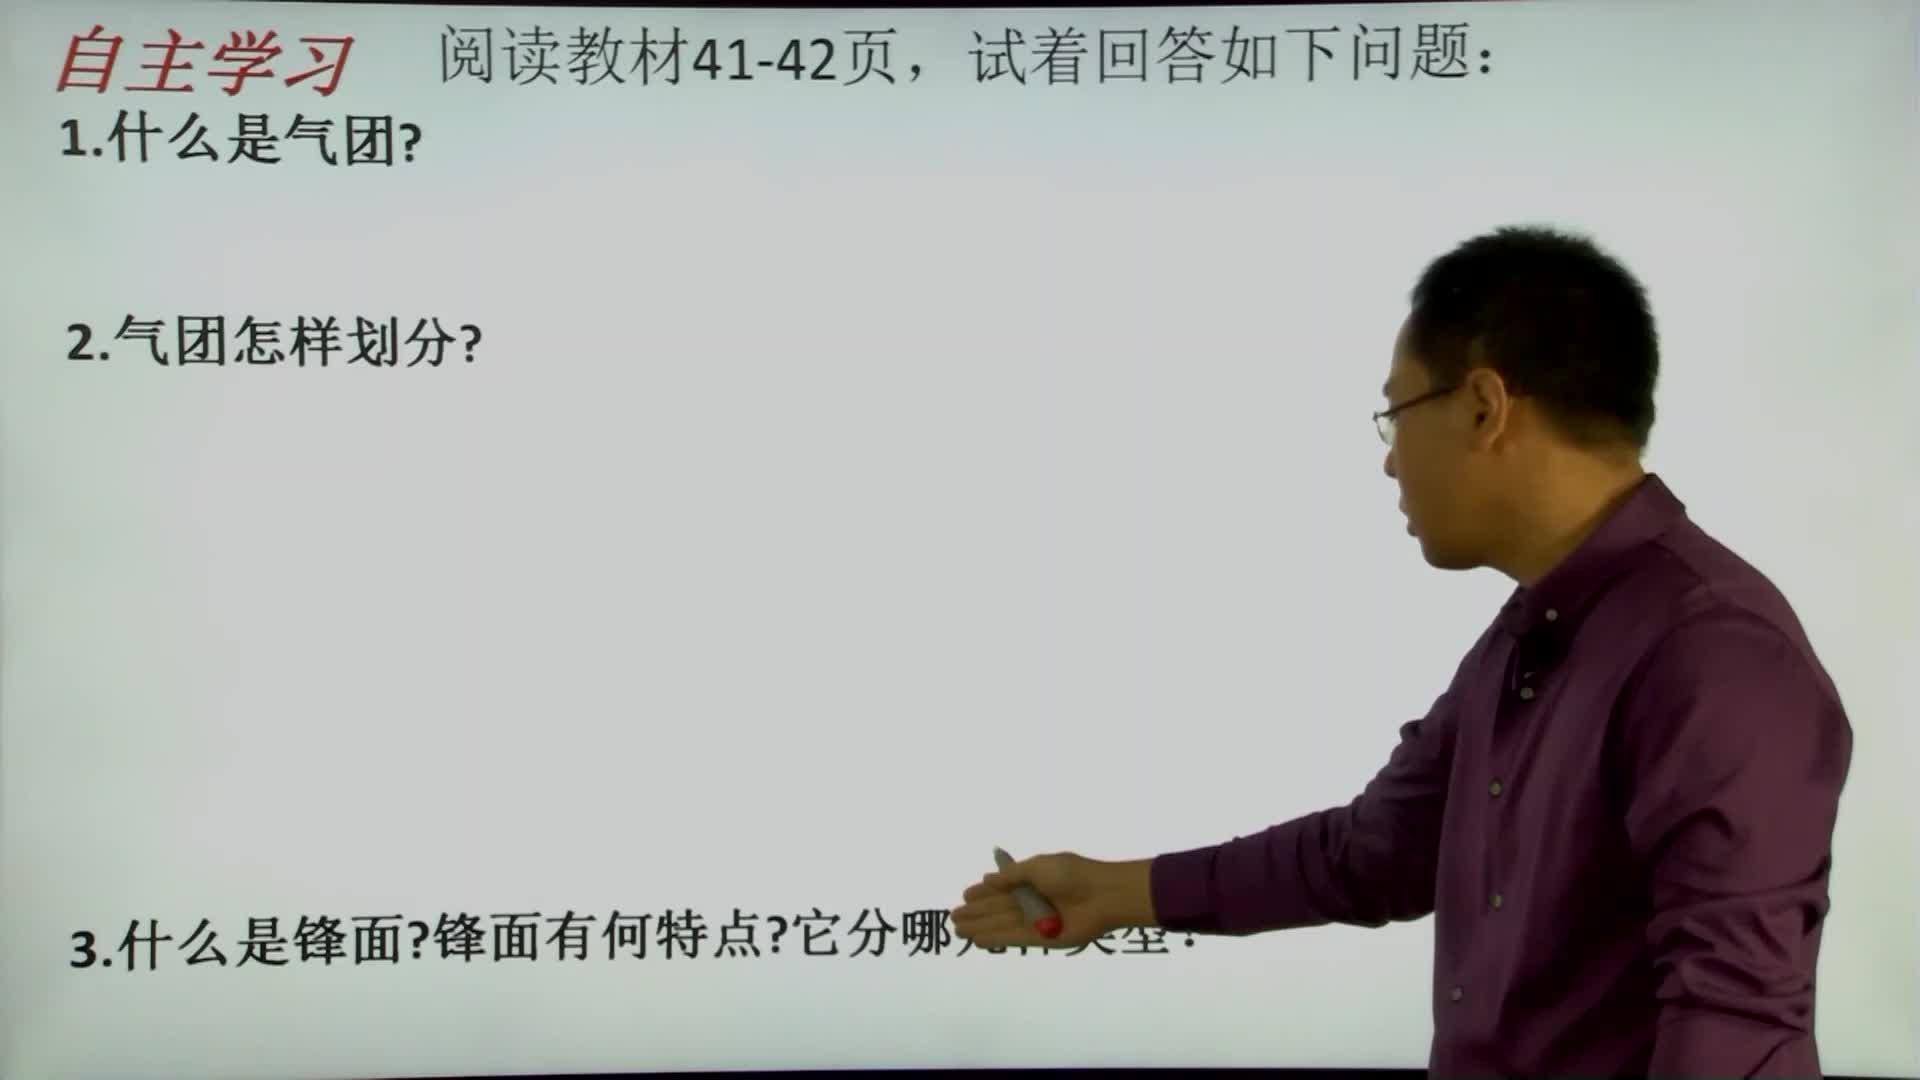 人教版 高中地理必修一 2.3 常见的天气系统-锋面系统-微课堂视频